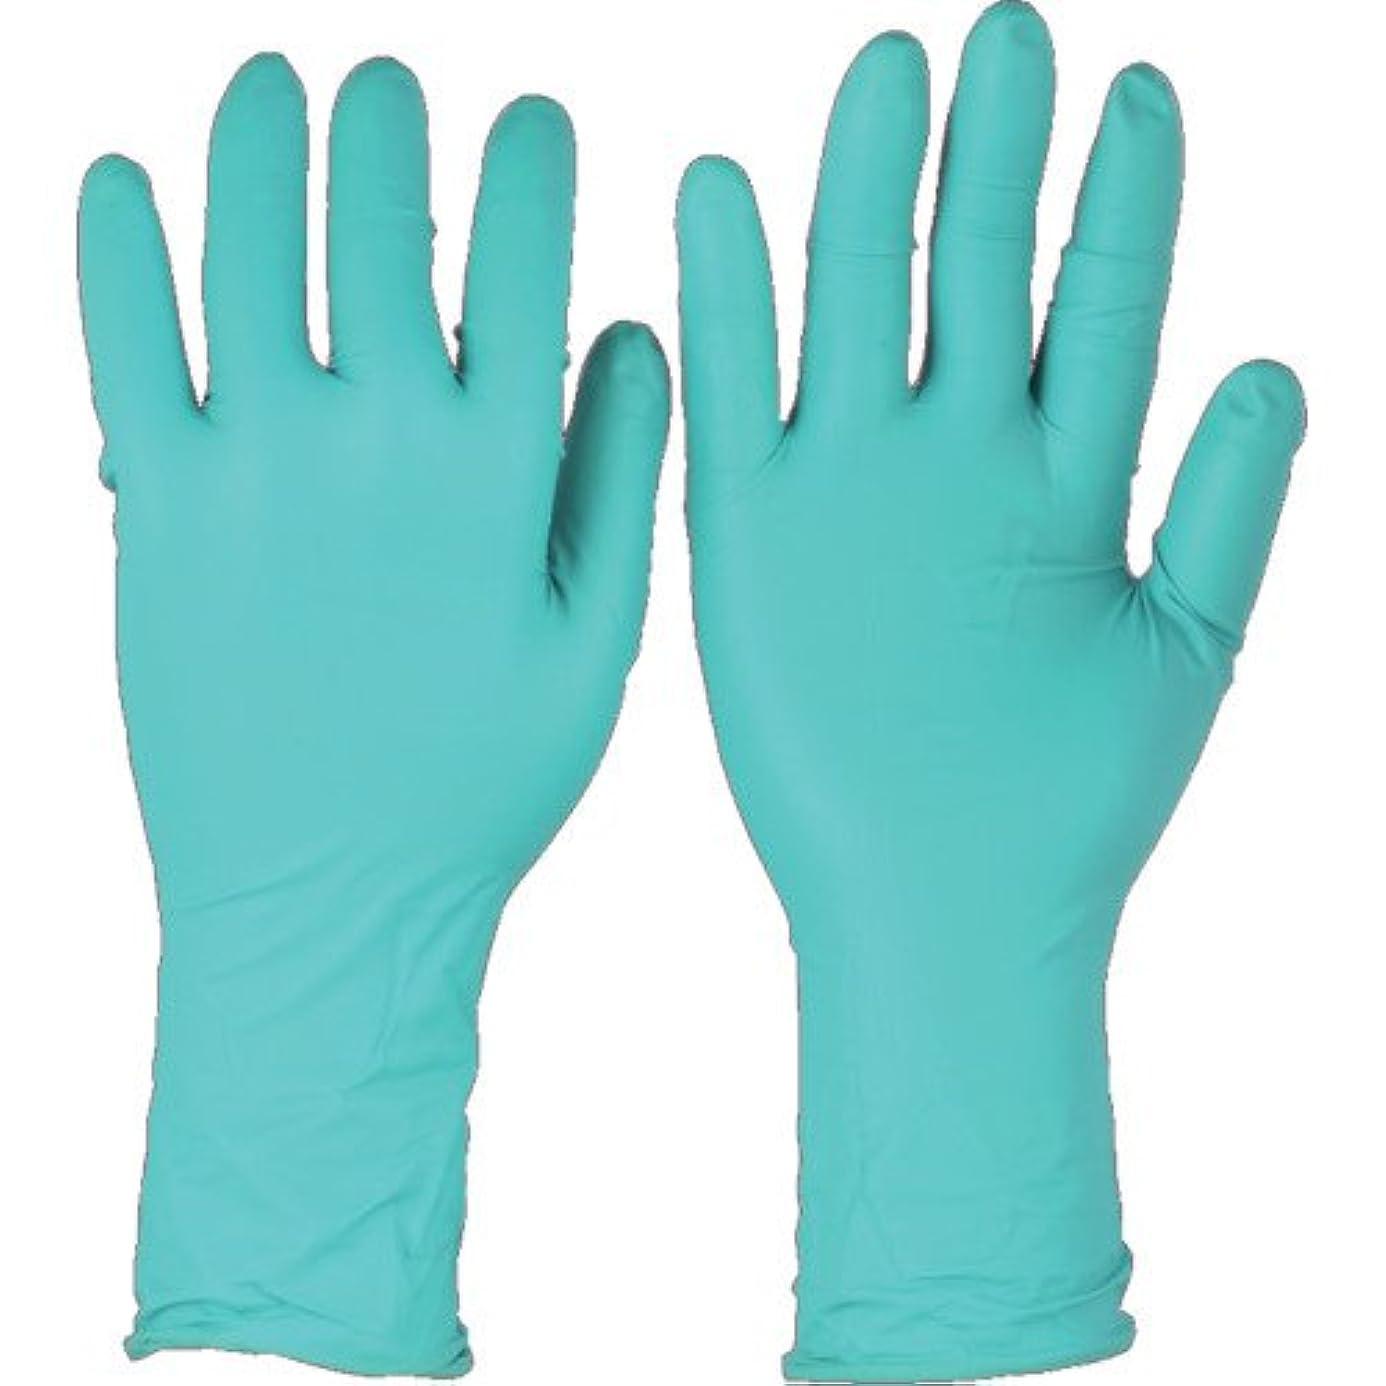 指定薬形状トラスコ中山 アンセル ネオプレンゴム使い捨て手袋 マイクロフレックス 93-260 XLサイズ (50枚入)  9326010